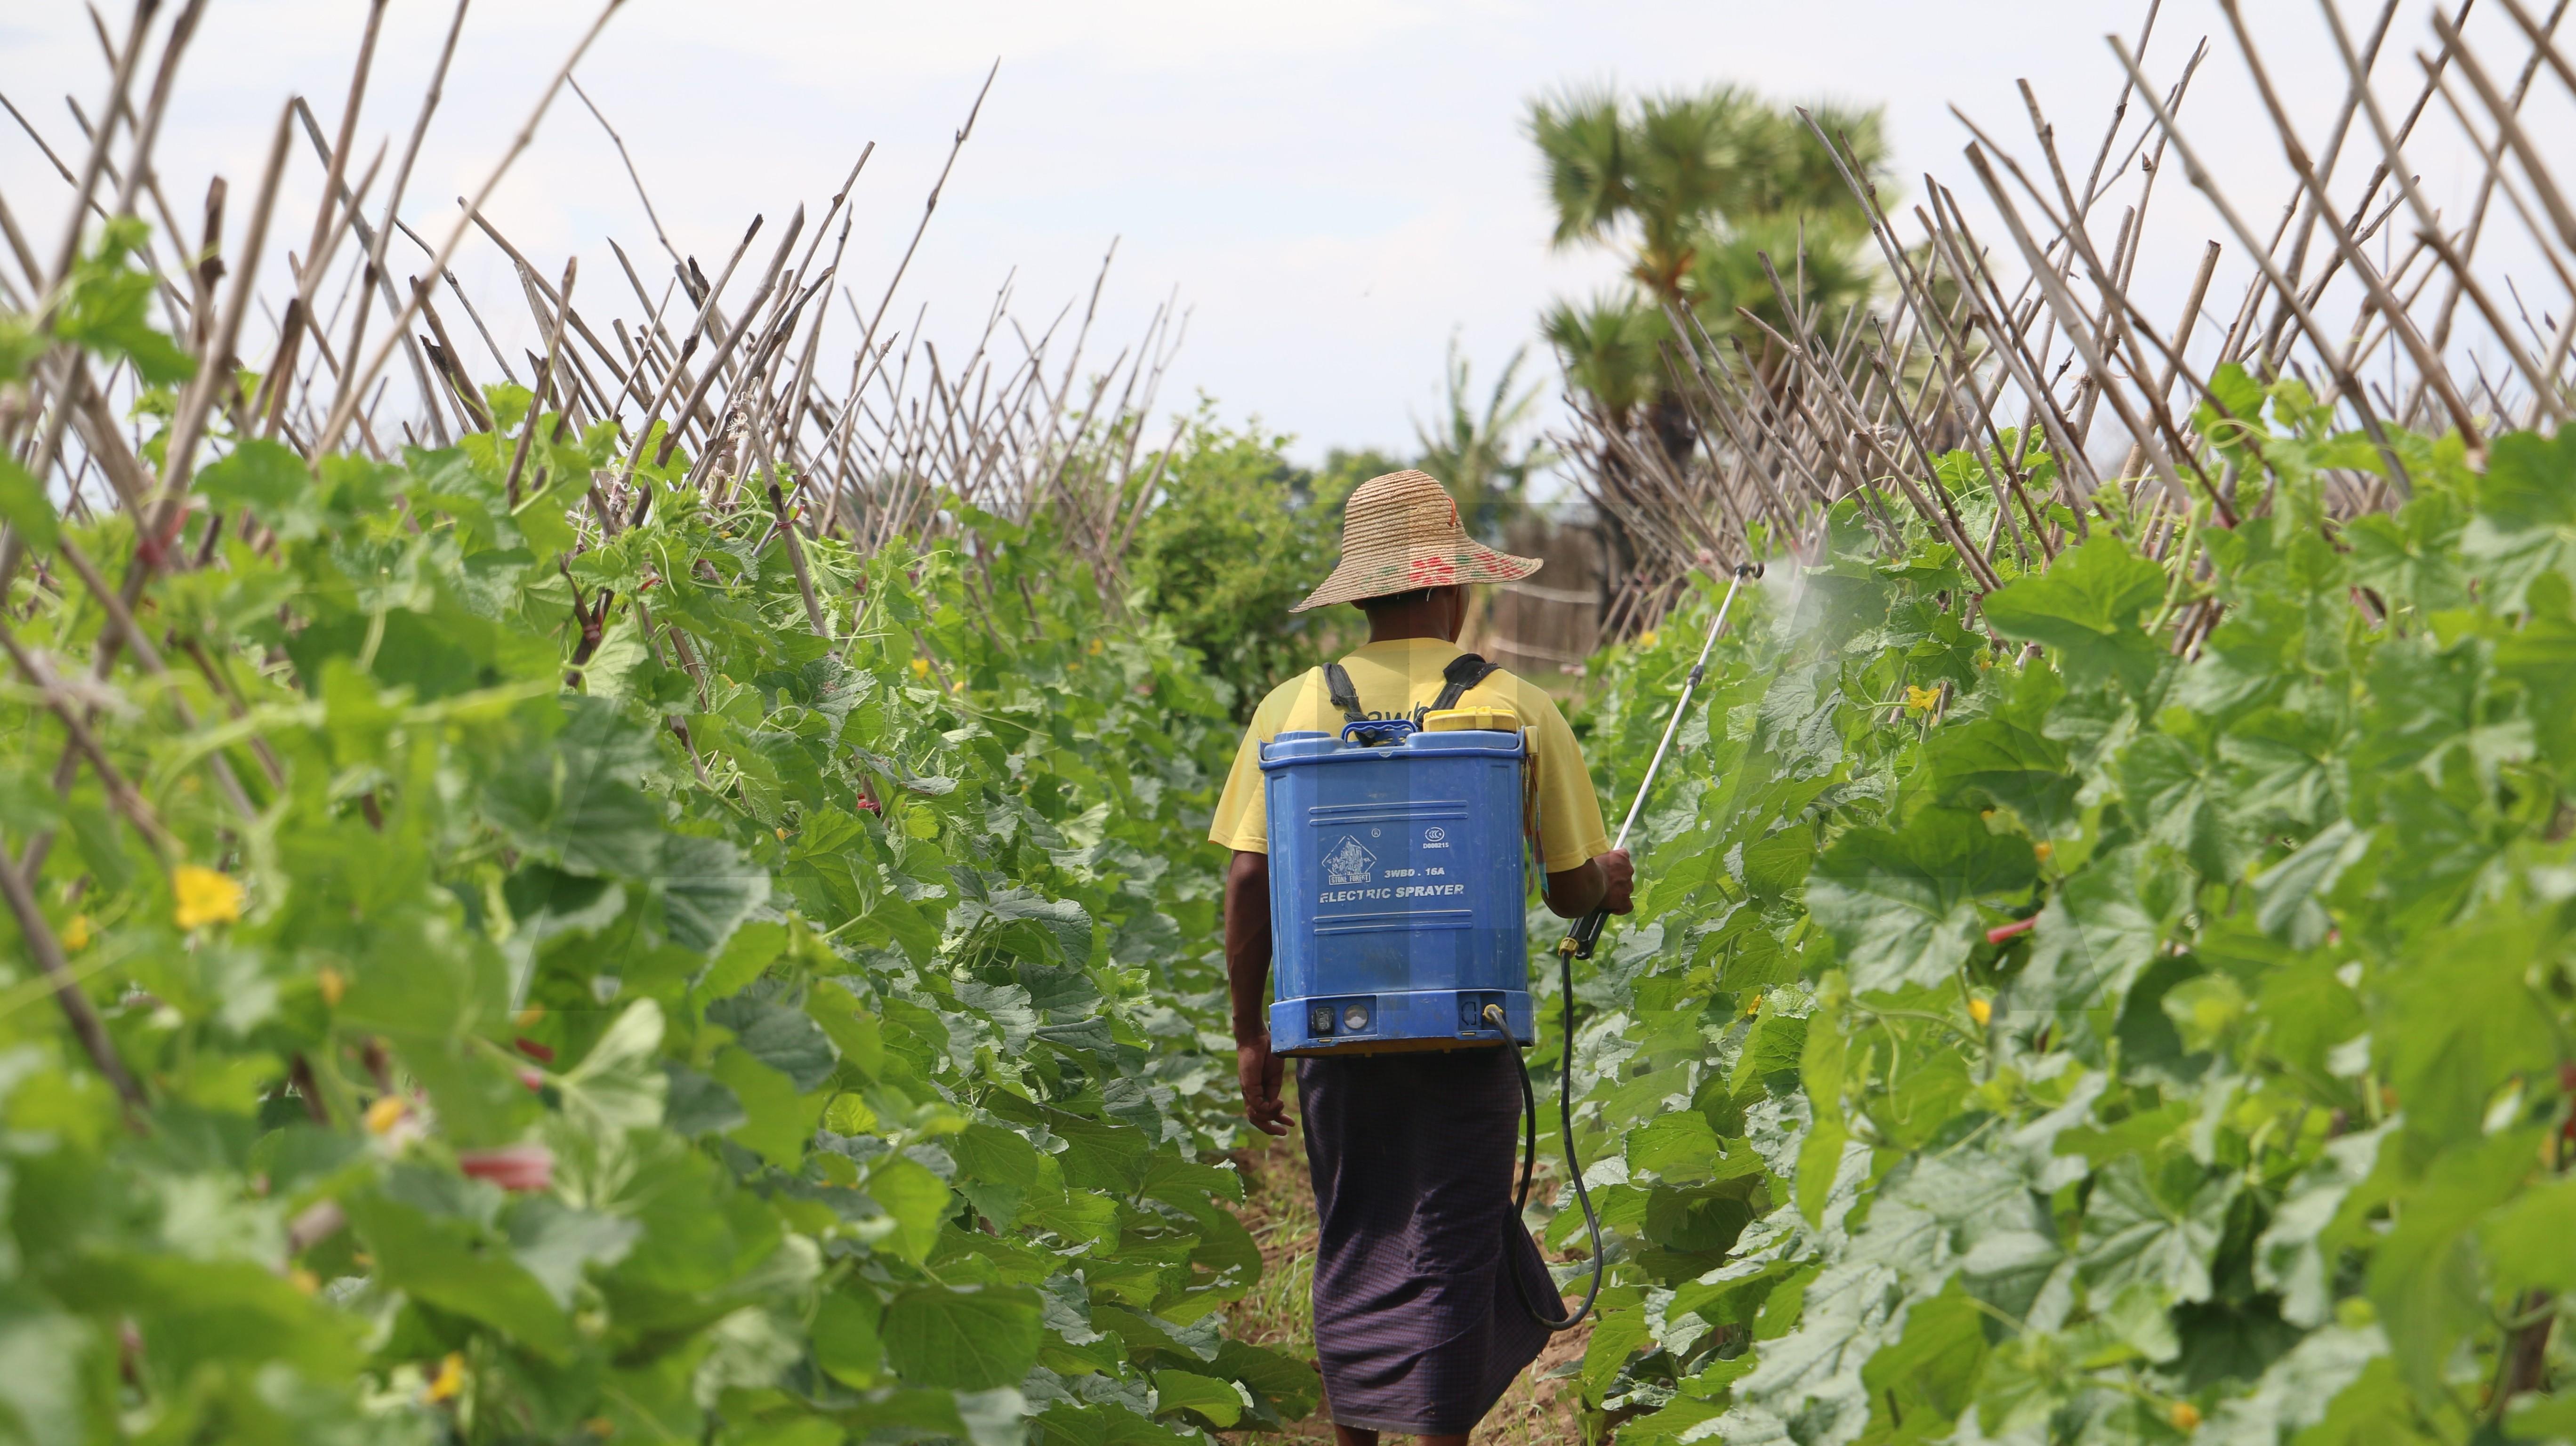 စိုက်ပျိုးရေးသုံး ပစ္စည်းများ သတ်မှတ်ချက်များနှင့် ကိုက်ညီမှု မရှိပါက အရေးယူမည်